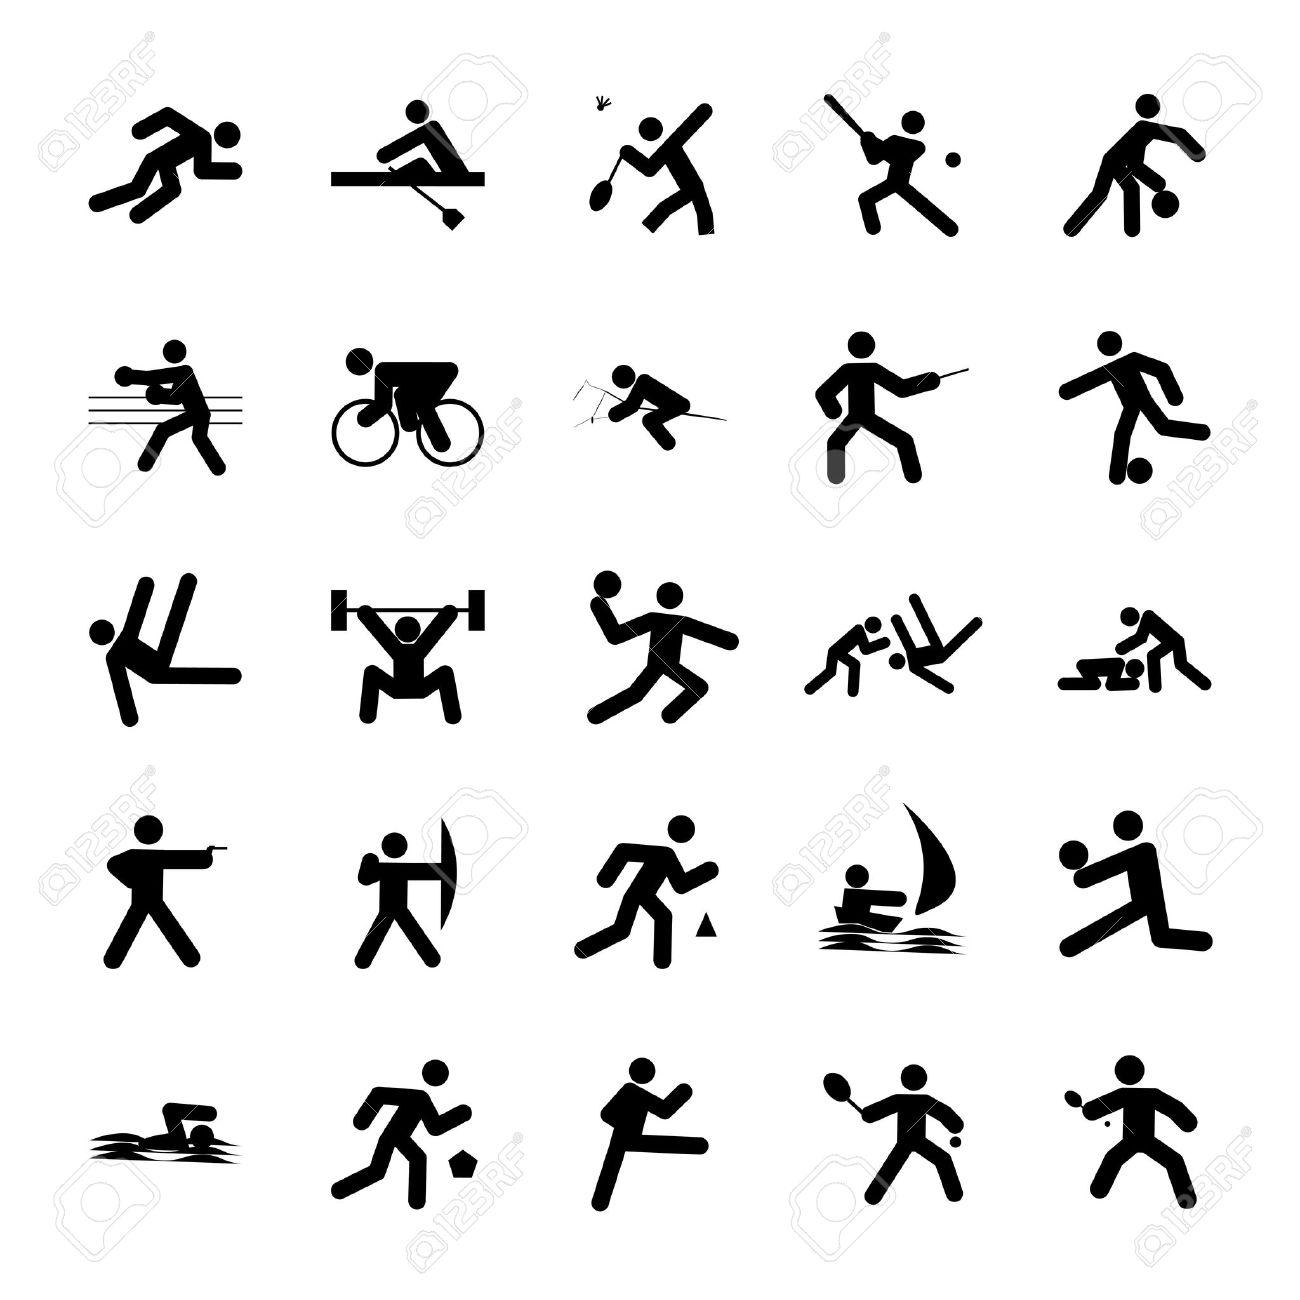 Logos De Deportes Juegos Olimpicos De Botones Negro Sobre Fondo